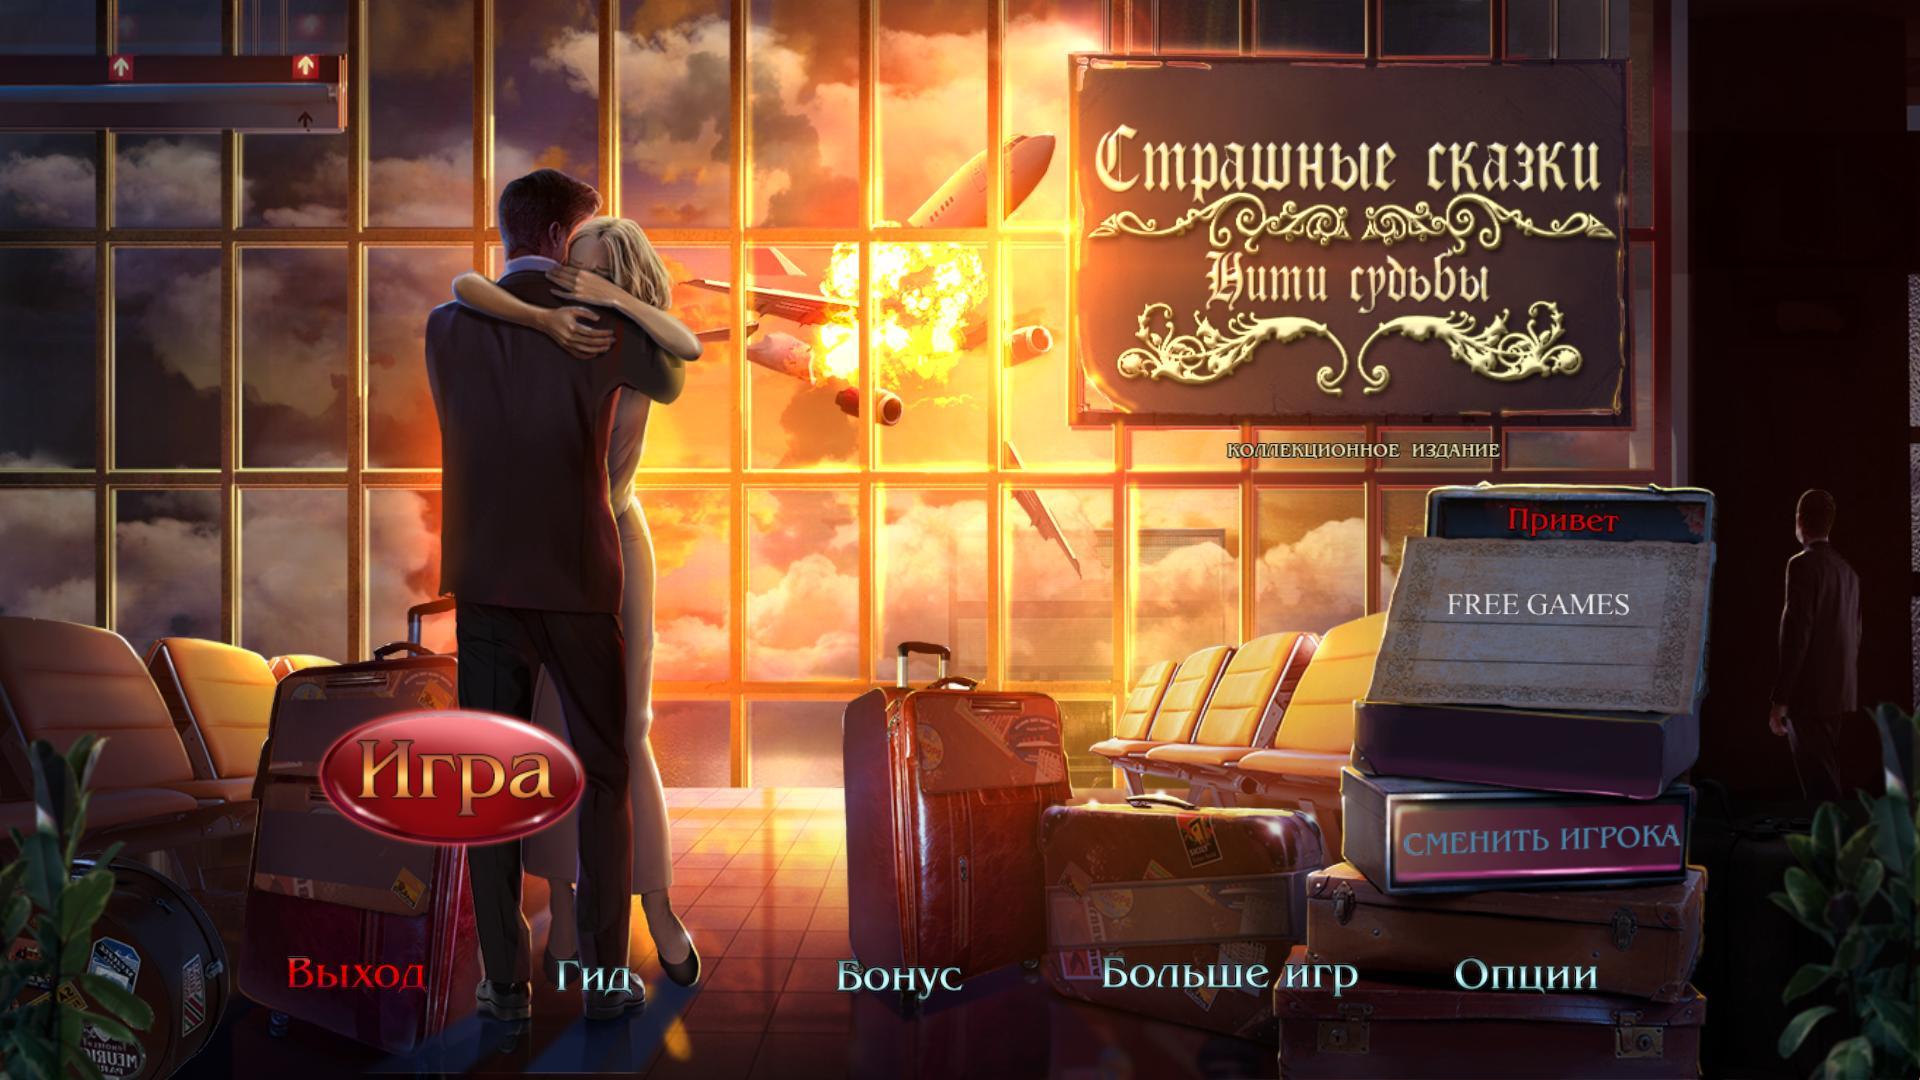 Страшные сказки 9. Нити судьбы. Коллекционное издание   Grim Tales 9. Threads of Destiny. CE (Rus)